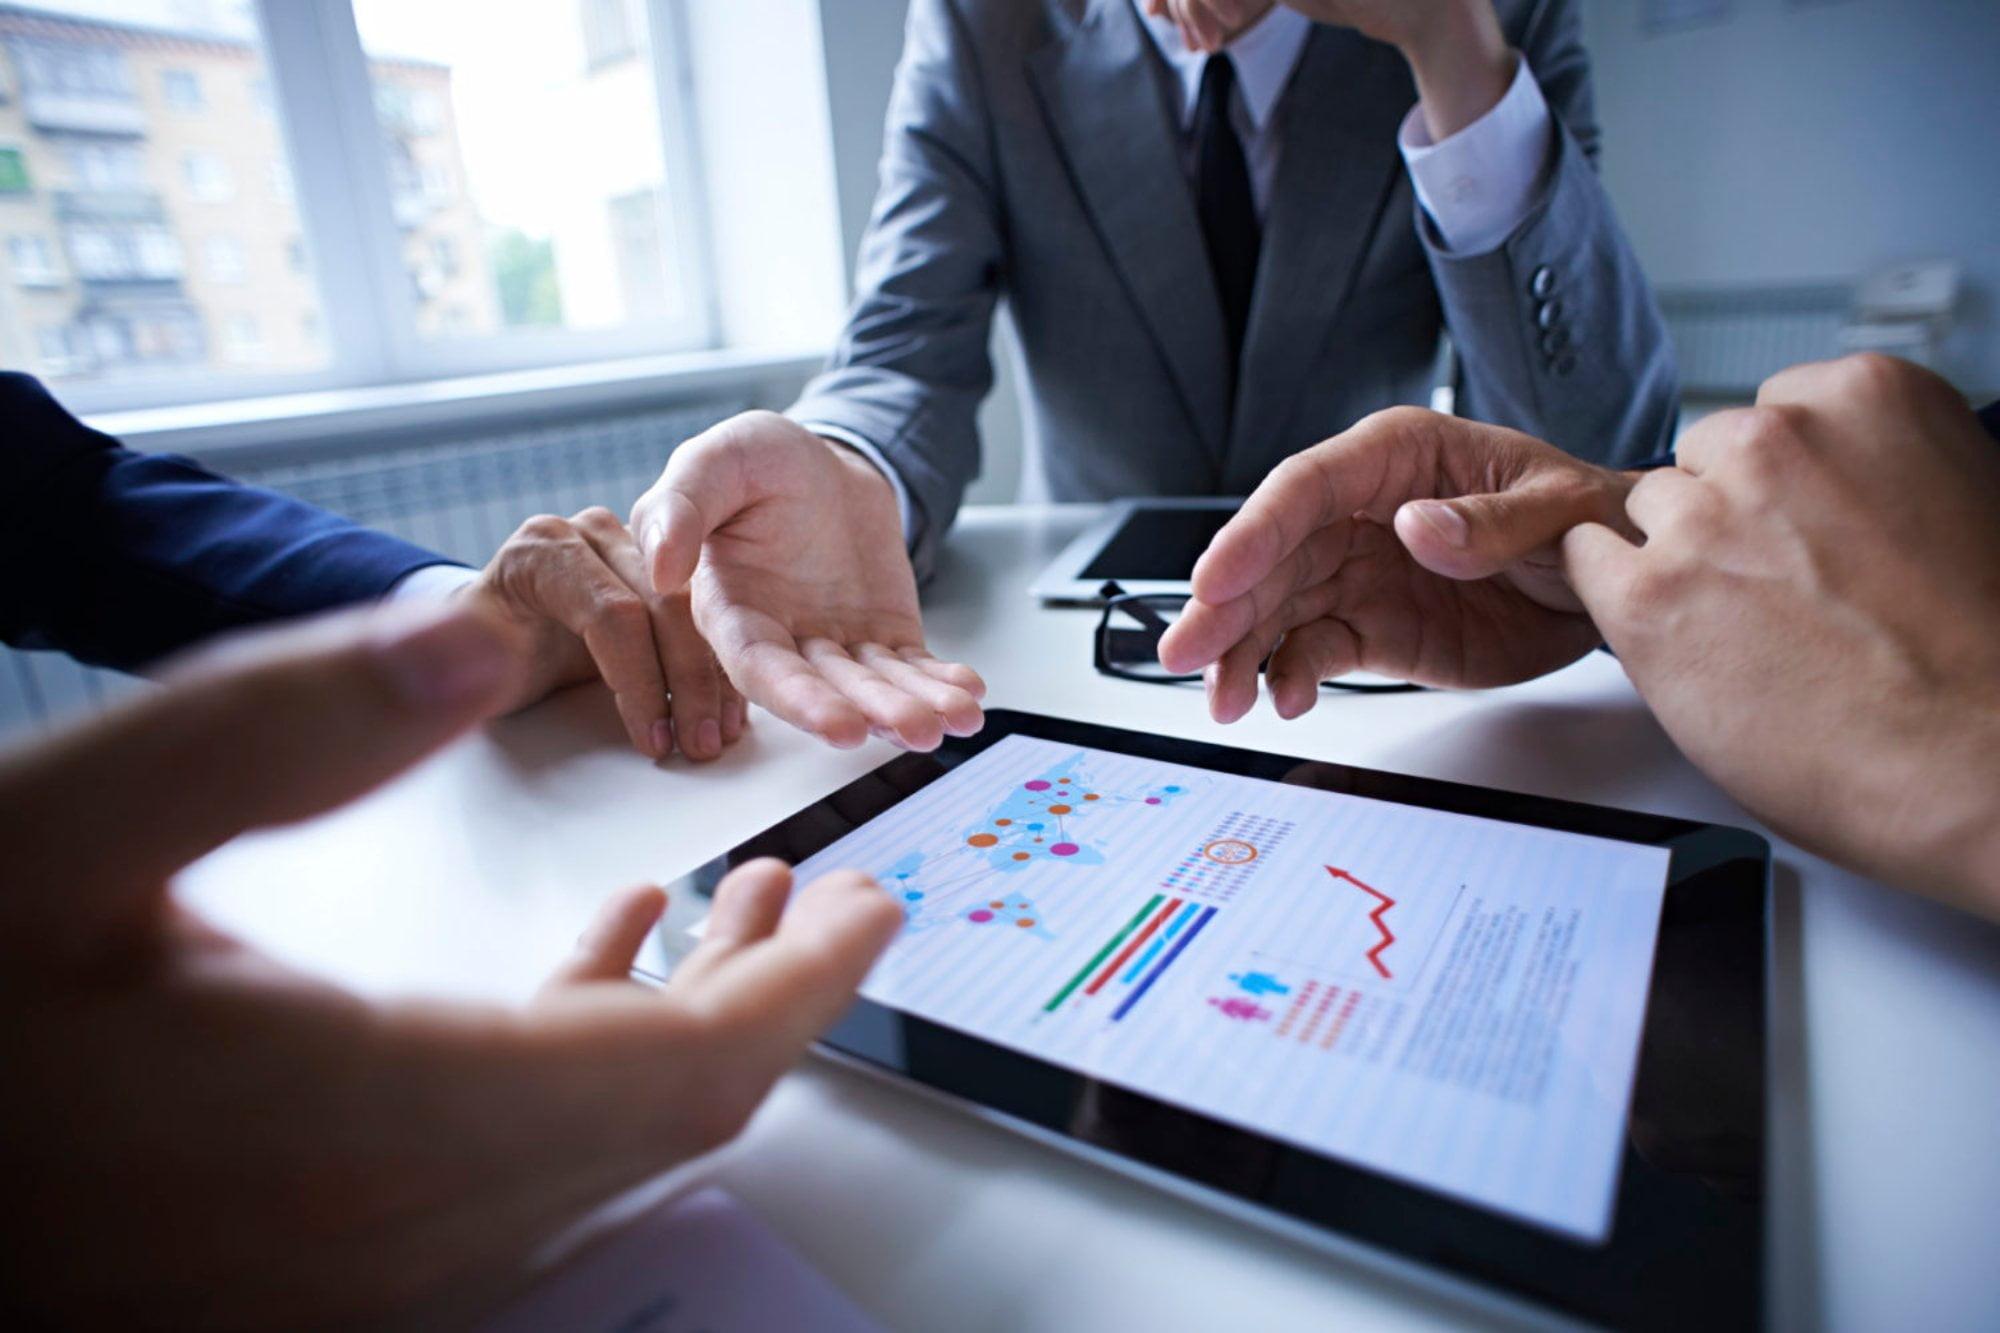 Pessoas reunidas analizando gráficos em um tablet | Marketing digital sem planejamento pode trazer prejuízos às empresas